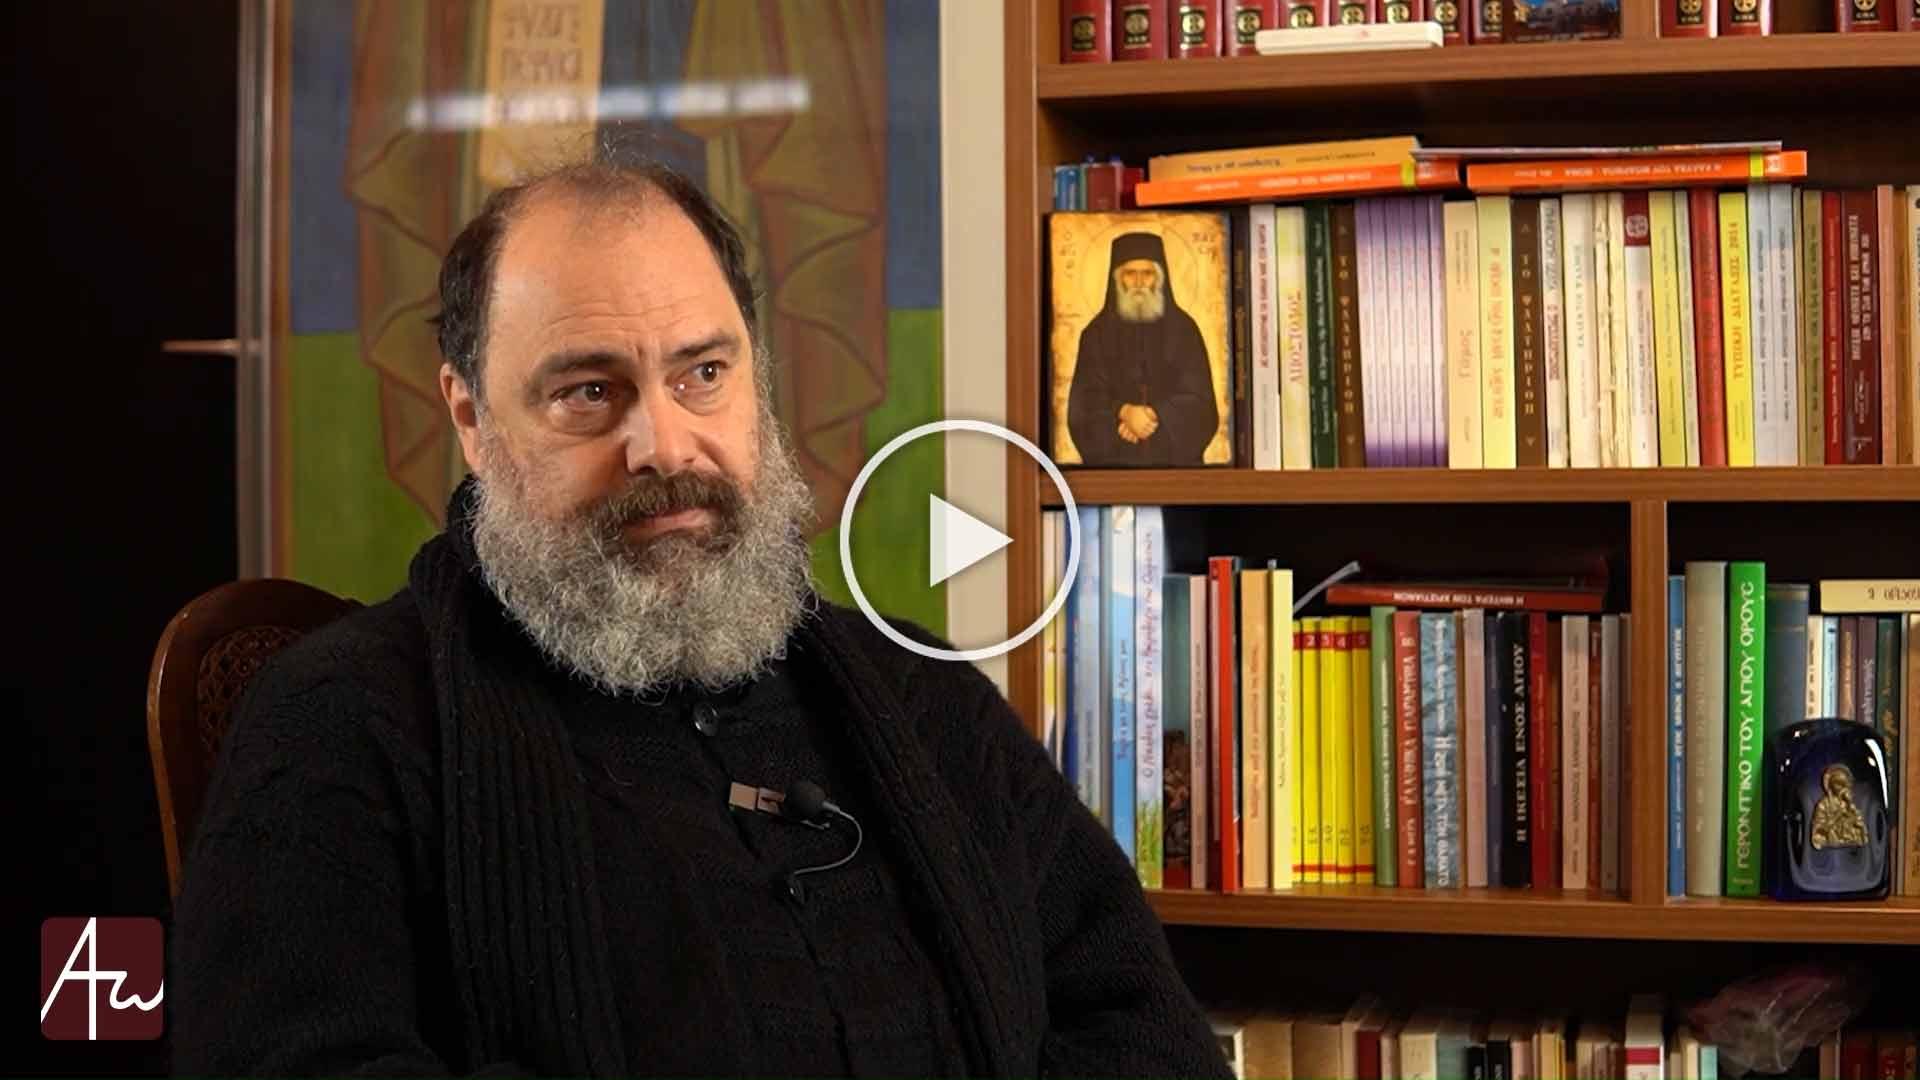 Πανδημία: Η σαρακοστή των νέων - Θεολογικός Λόγος - Θεολογία - Απαρχή